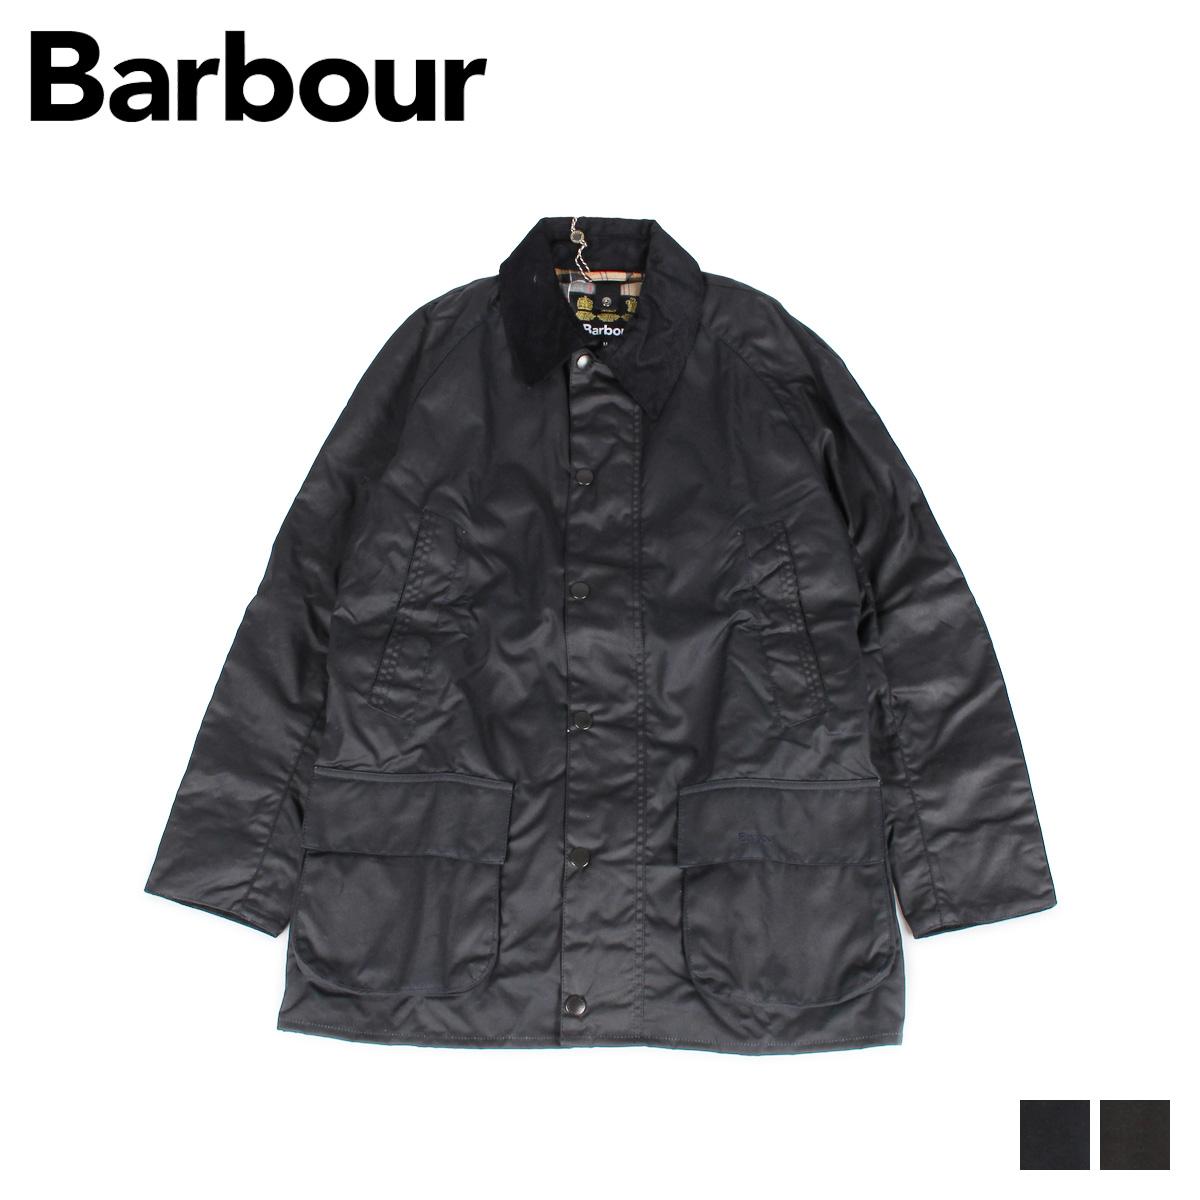 バブアー Barbour ジャケット オイルドジャケット ワックス メンズ BRISTOL WAX JACKET ネイビー オリーブ MWX0086